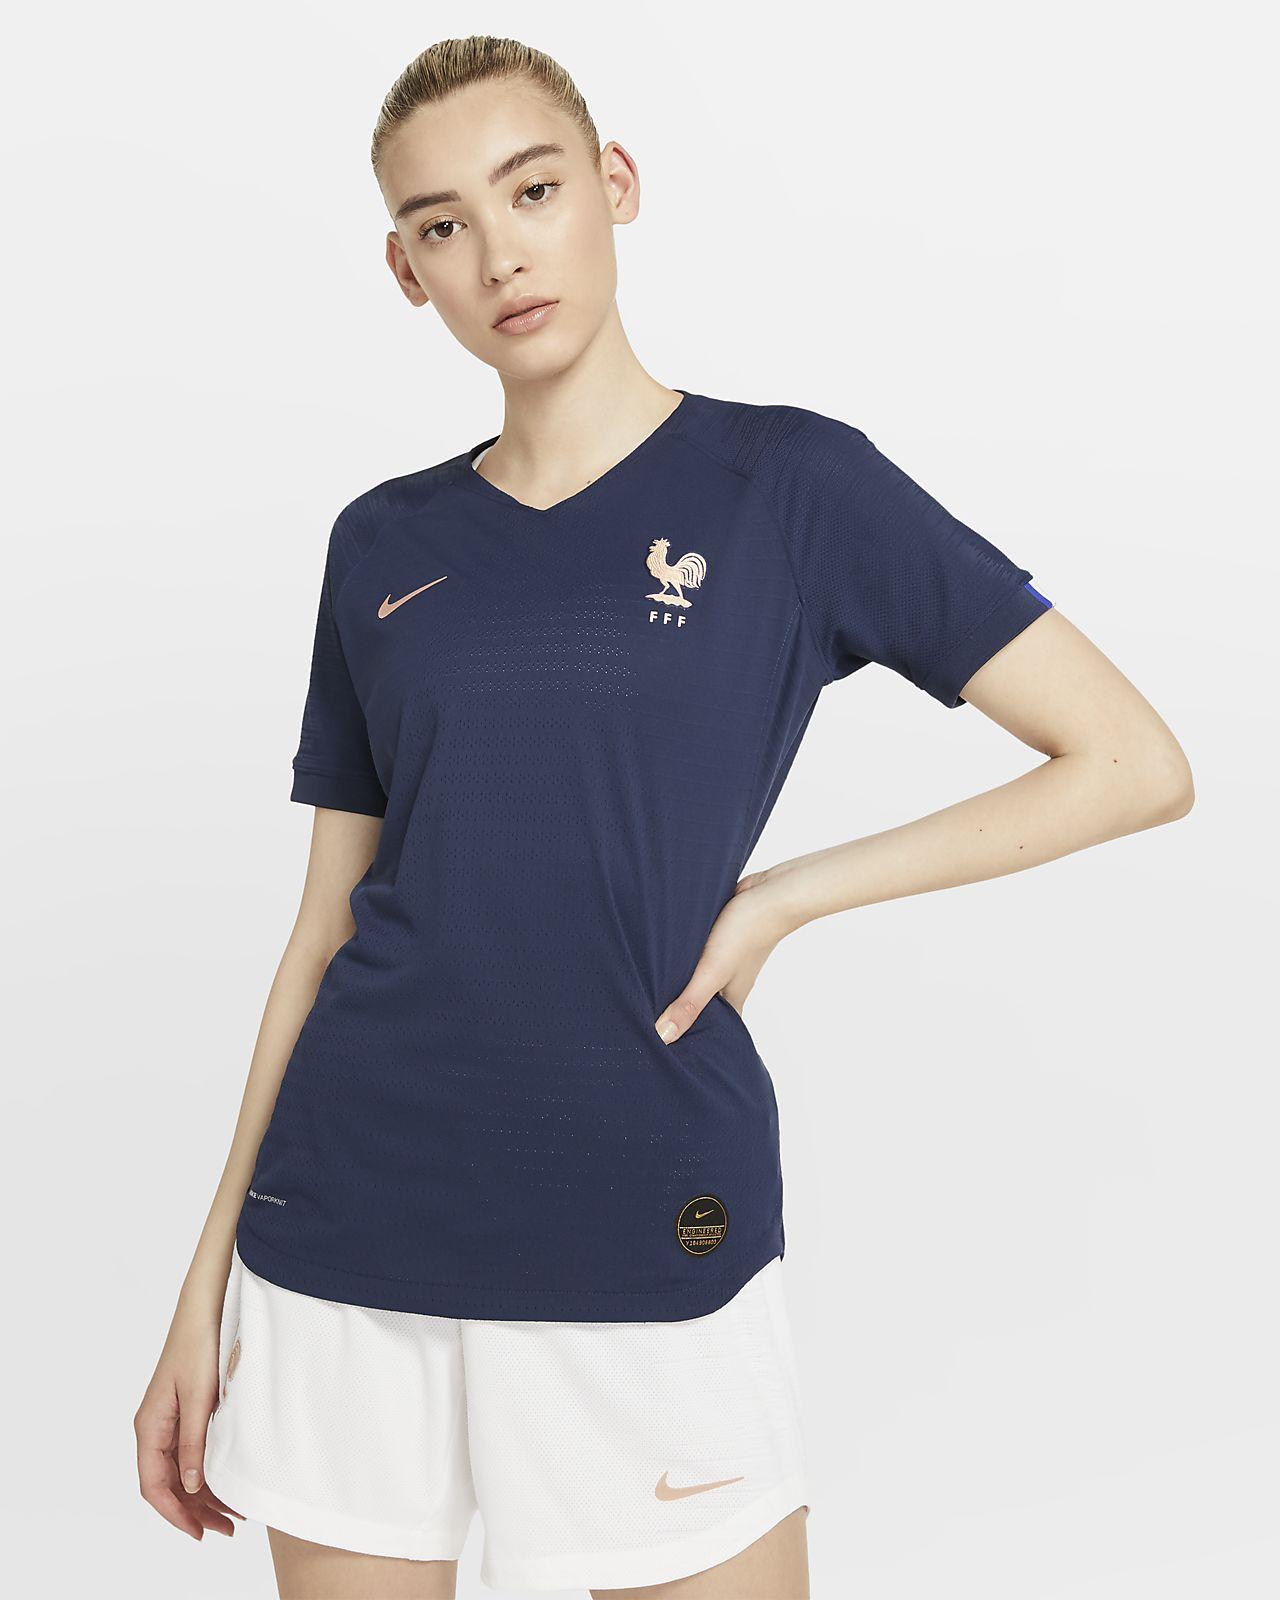 FFF 2019 Vapor Match Home Camiseta de fútbol - Mujer